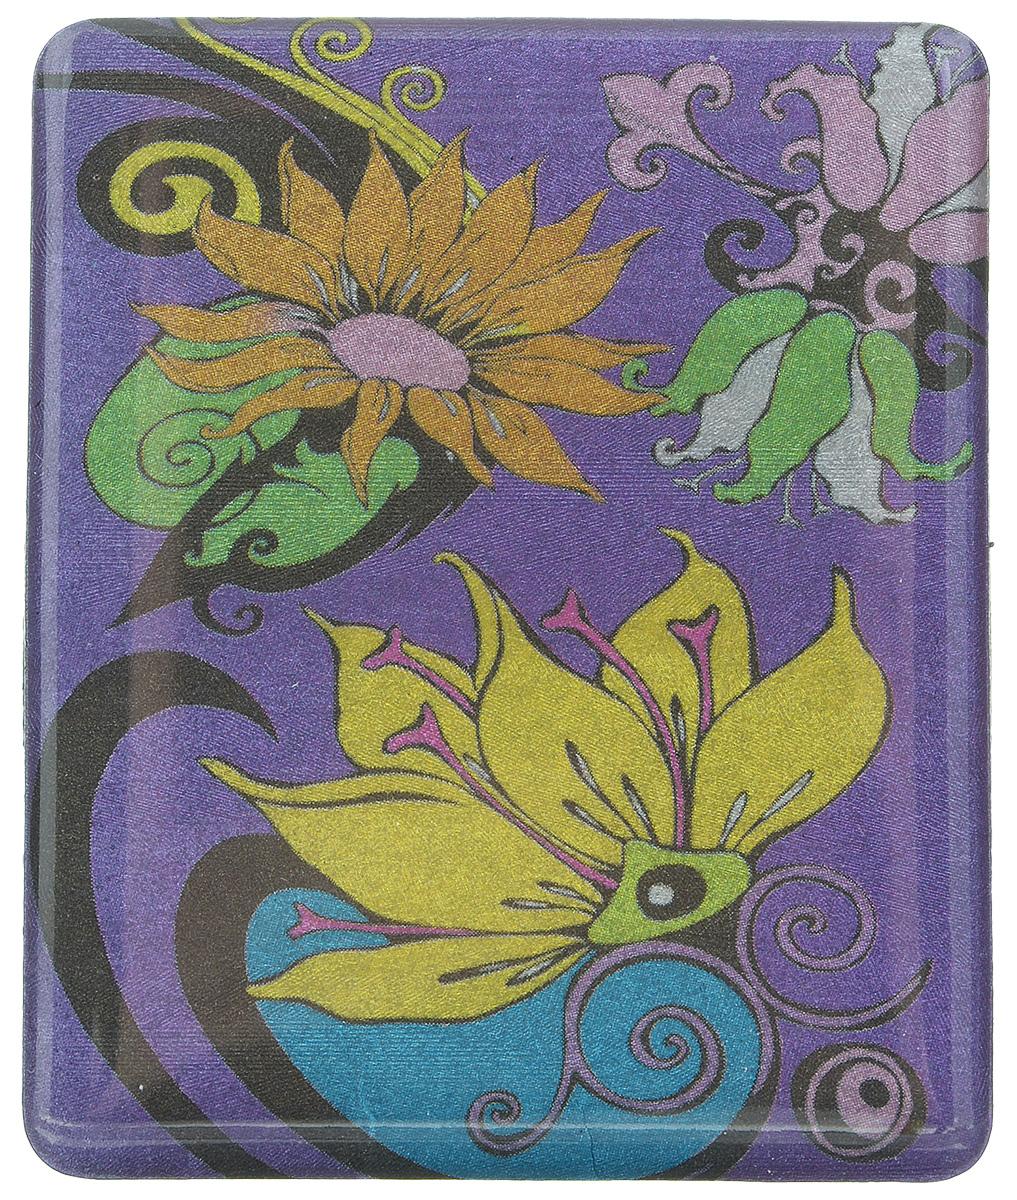 Магнит Феникс-презент Цветик, 4,5 x 5,5 см25051 7_желтыйМагнит прямоугольной формы Феникс-презент Цветик, выполненный из агломерированного феррита, станет приятным штрихом в повседневной жизни. Оригинальный магнит, декорированный изображением цветов, поможет вам украсить не только холодильник, но и любую другую магнитную поверхность. Материал: агломерированный феррит.